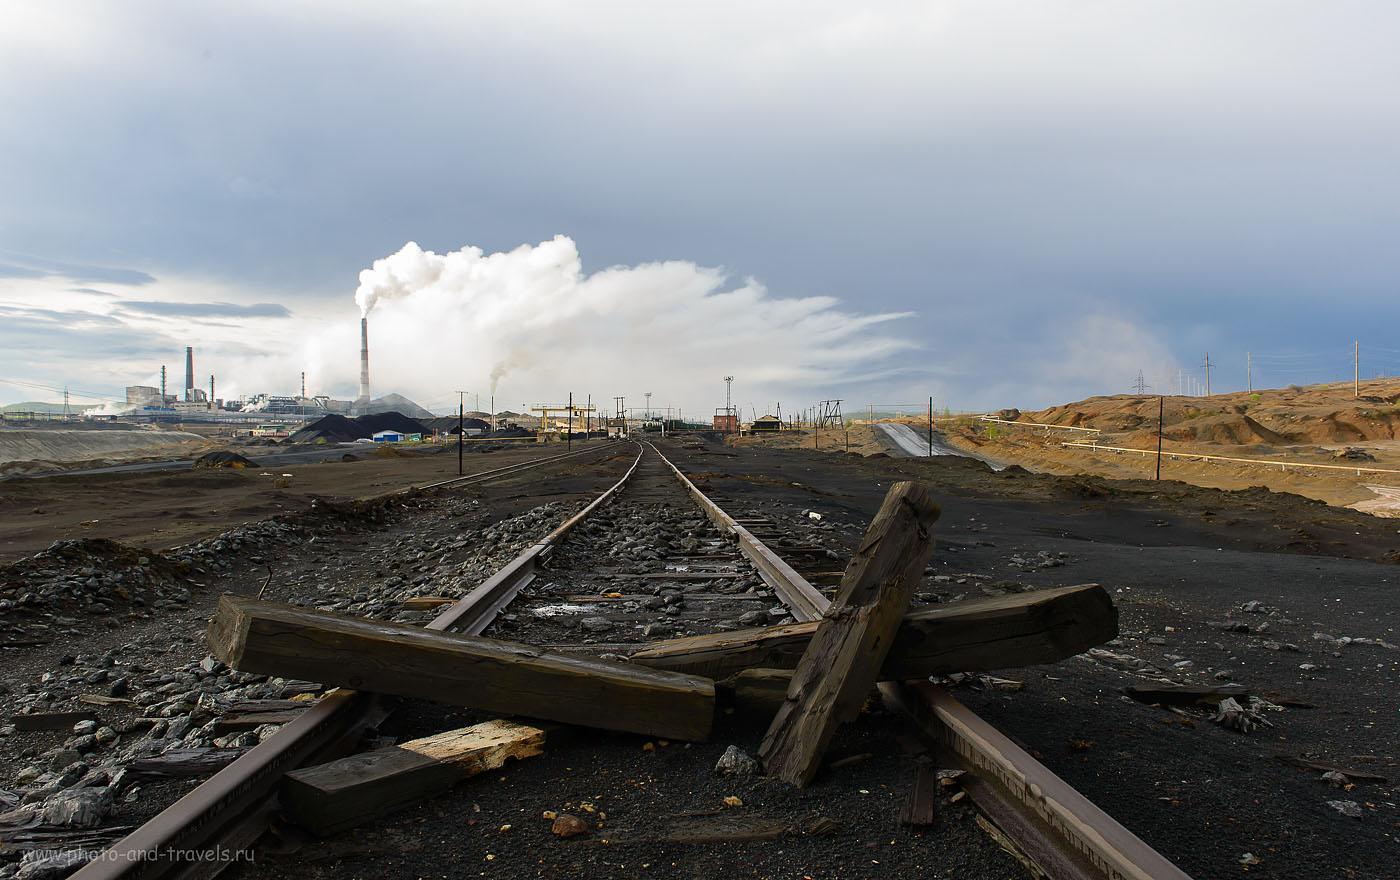 12. Сернистый газ падает на городские крыши. Вот так выглядят окраины Карабаша. (400, 24, 10.0, 1/125)